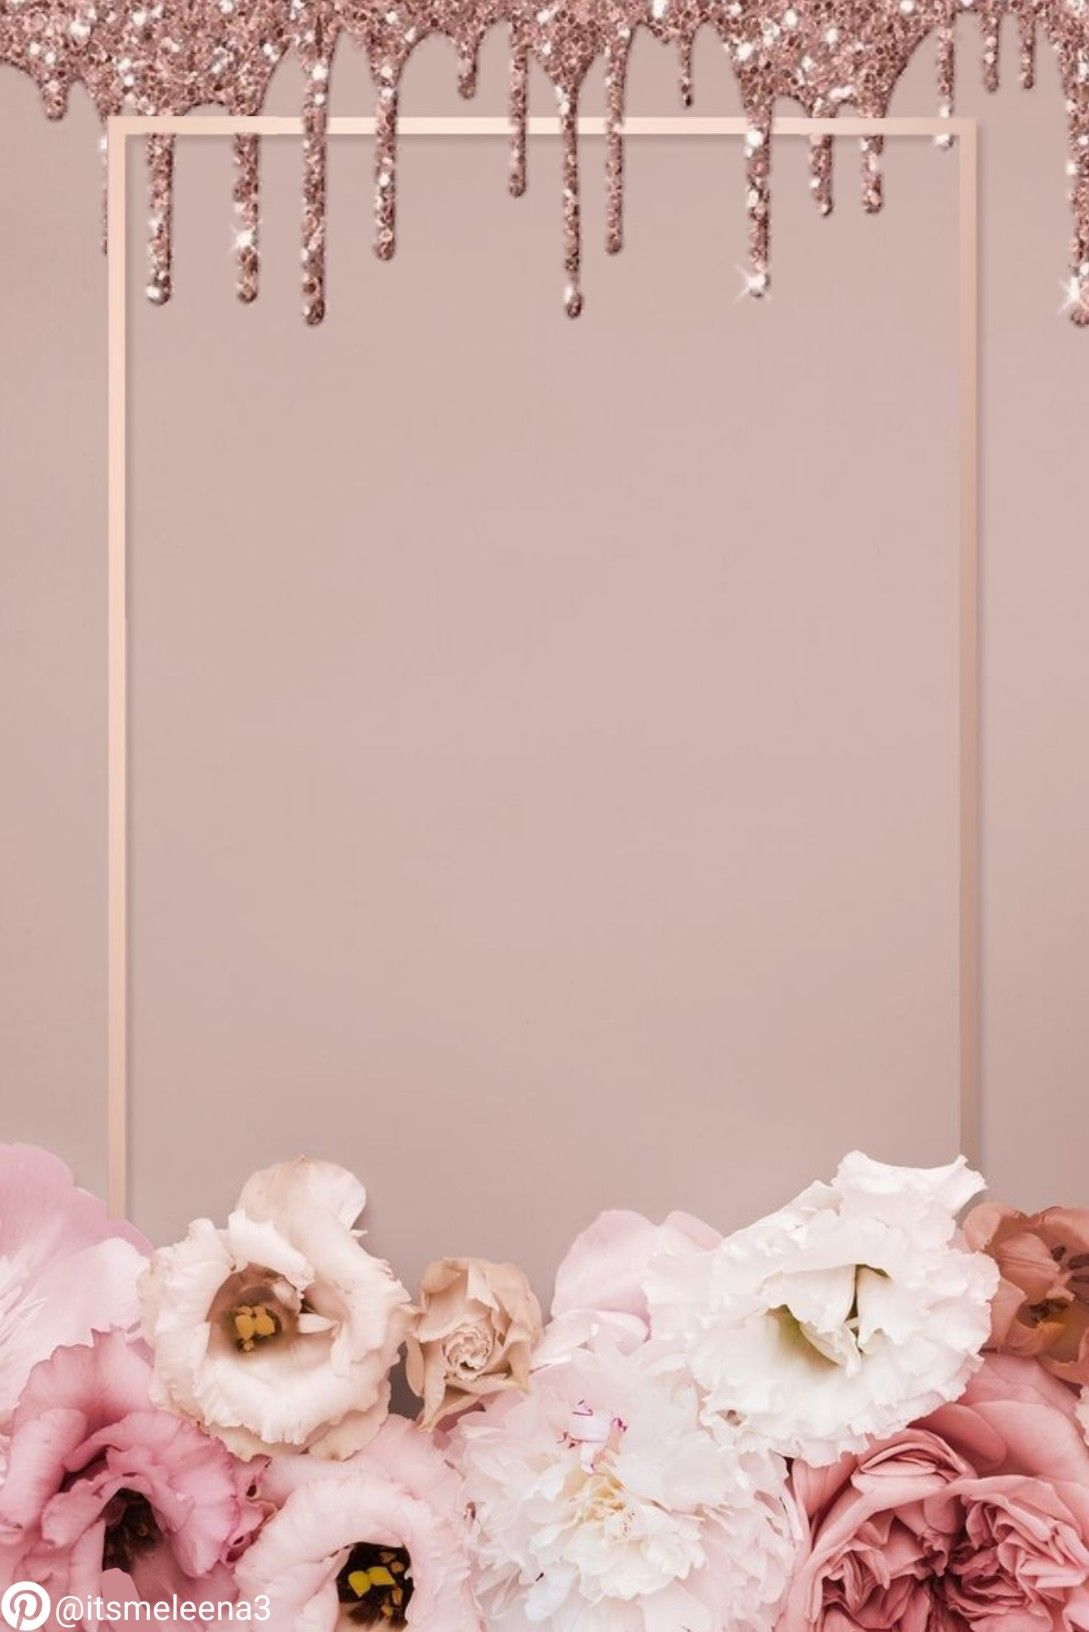 اطار اطارات ثيم ثيمات خلفية خلفيات زهري وردي لامع برونزي زهور بطاقة بطاقات مفرغة تصميم تصاميم Flower Frame Pastel Quotes Colour Images